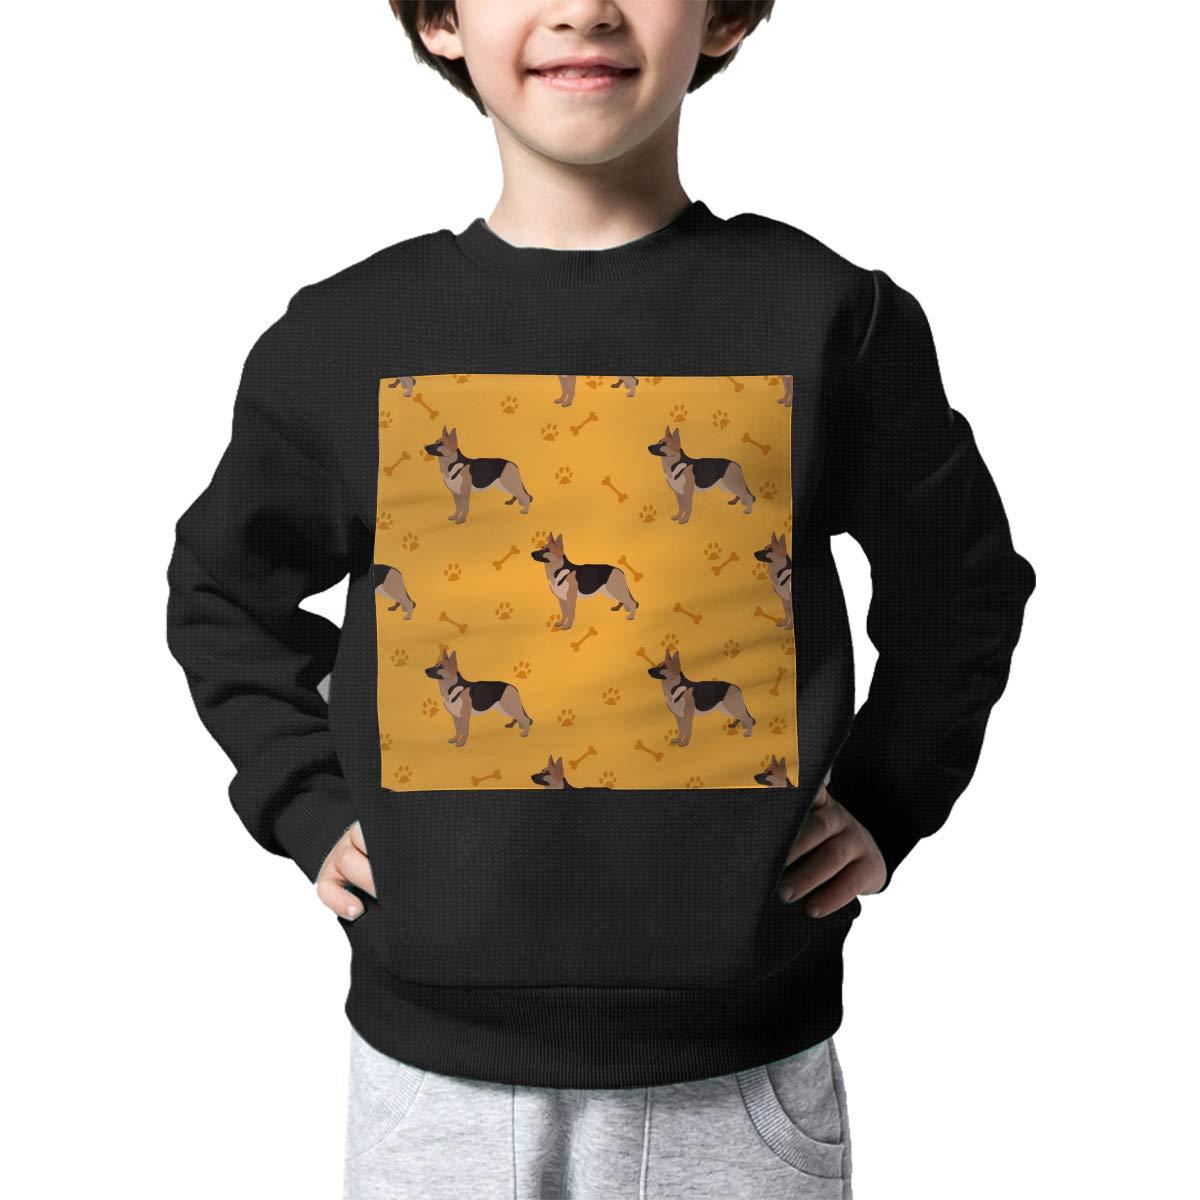 NJKM5MJ Boys Girls Dog German Shepherd Pattern Lovely Sweaters Soft Warm Unisex Children Kids Sweater